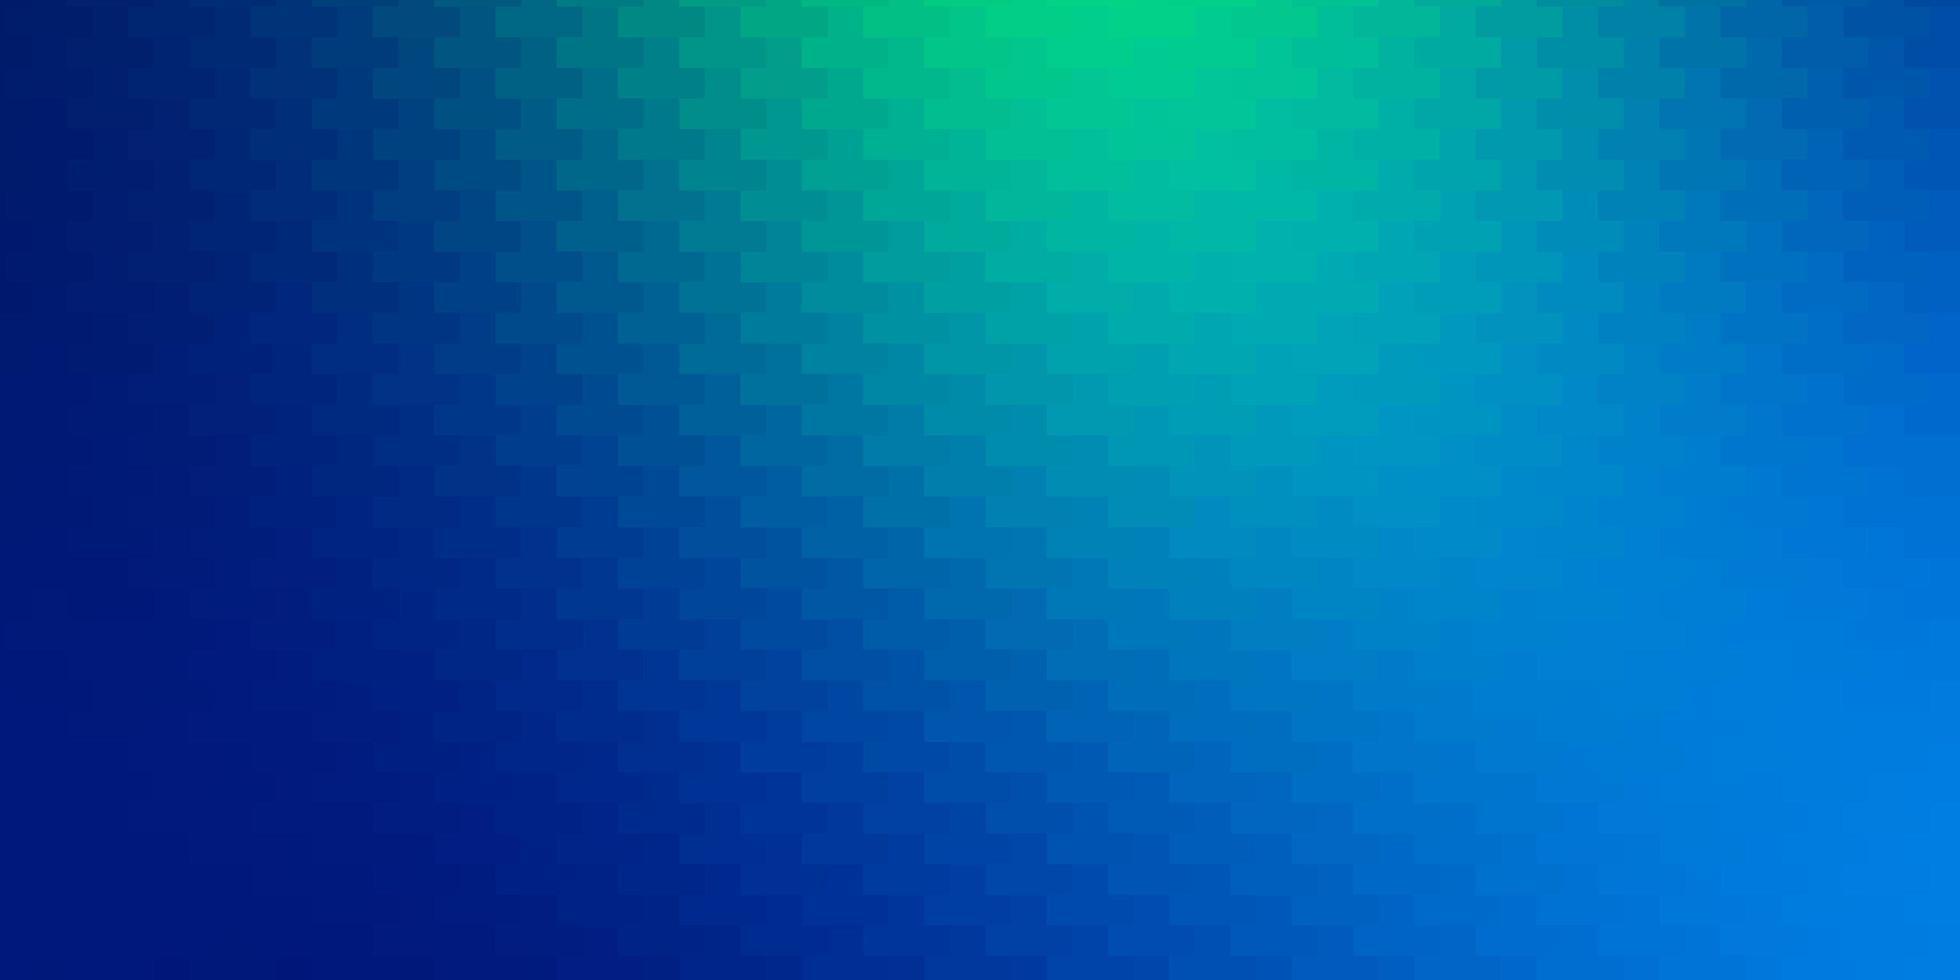 disposition de vecteur bleu clair, vert avec des lignes, des rectangles.